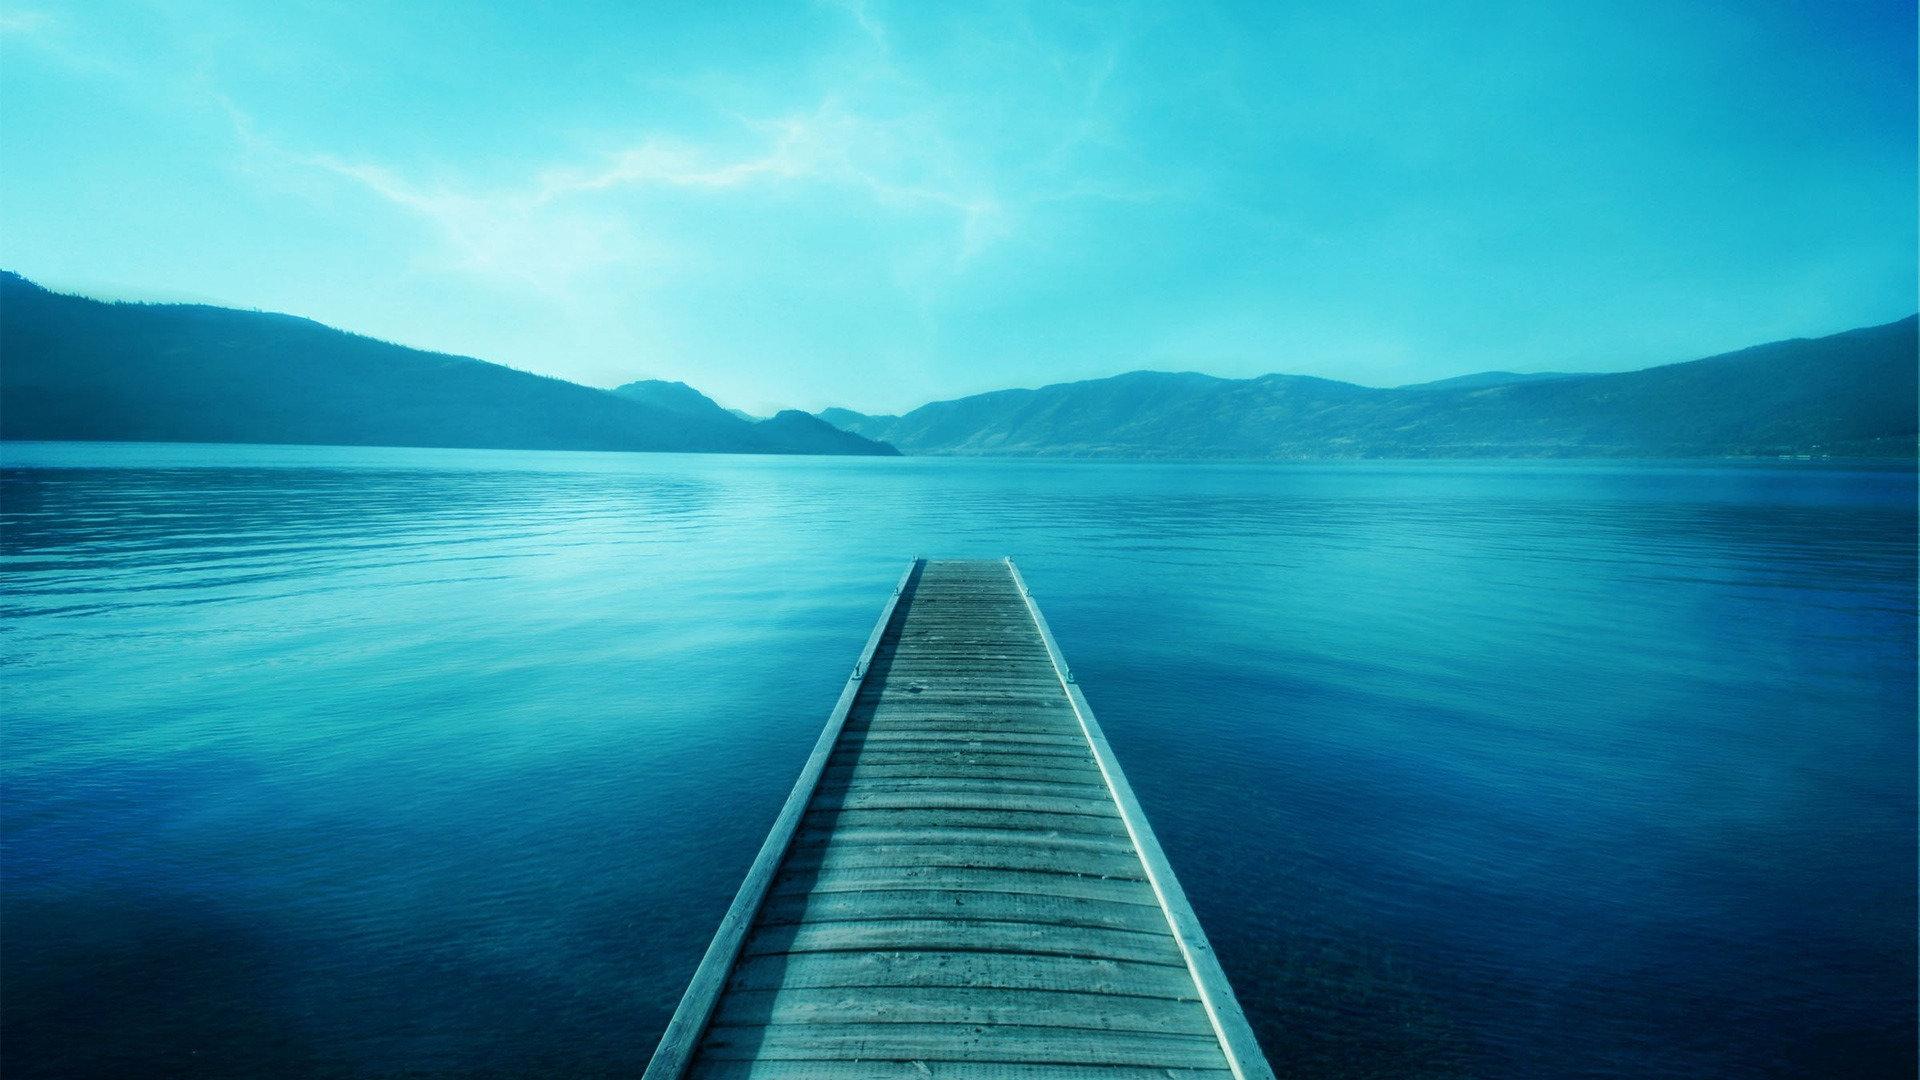 一个人必须坚强的句子正能量说说:你的努力终将美好